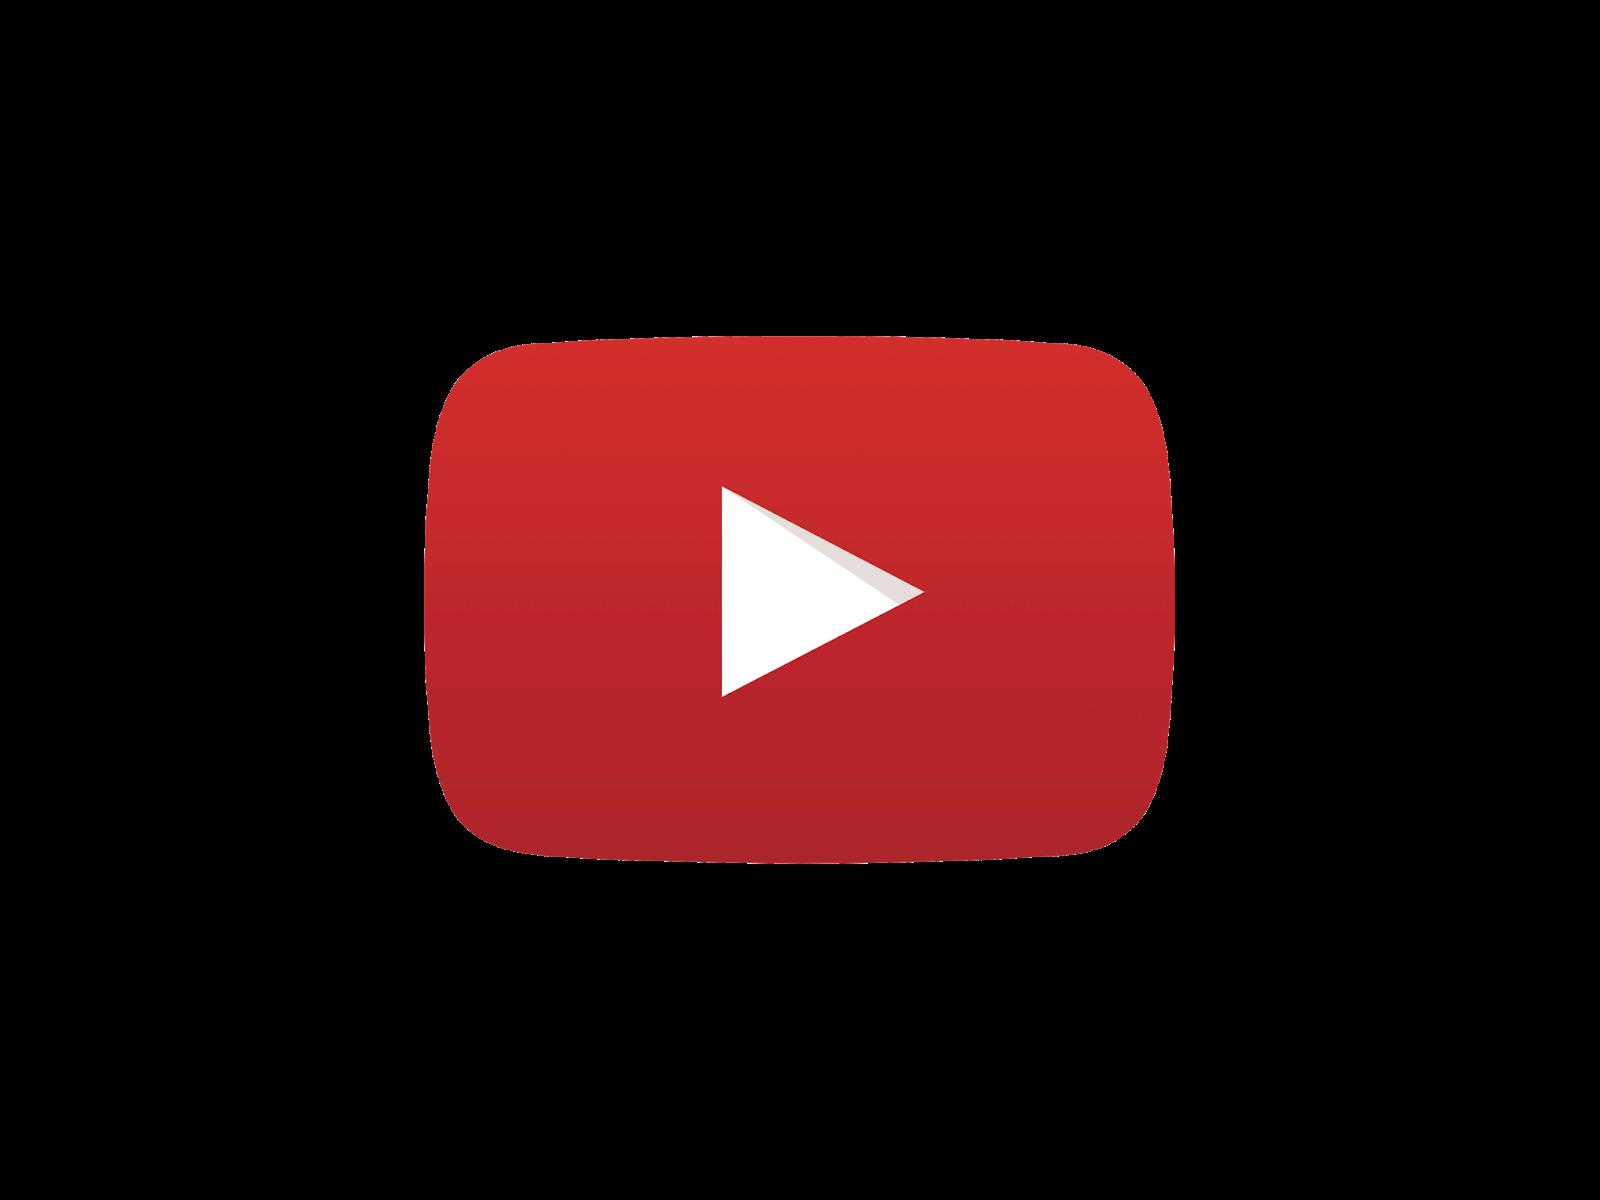 Banyak yang bertanya bagaimana cara download video youtube di android